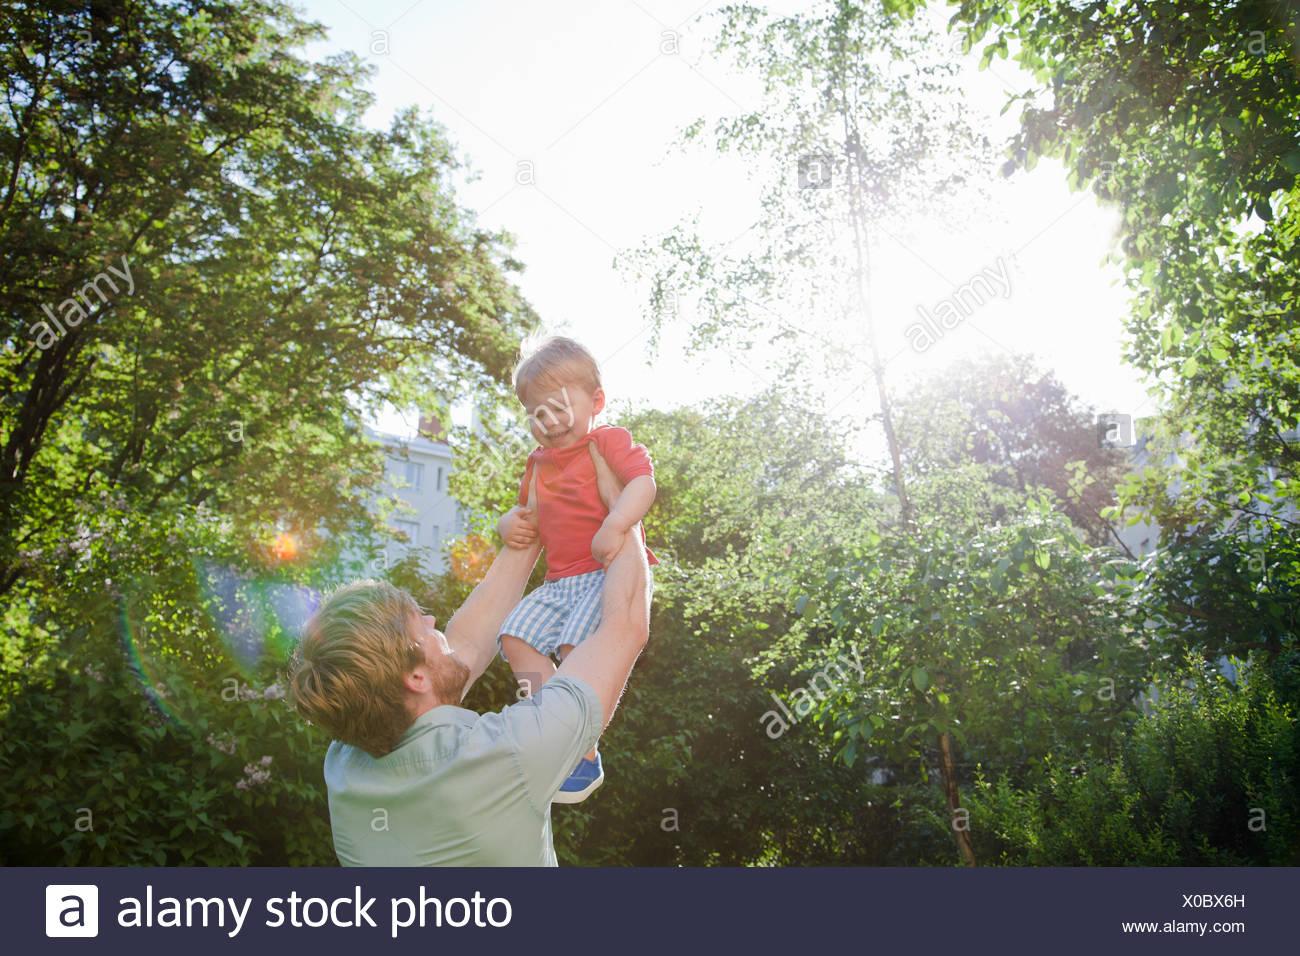 Vater hält kleinen Sohn im park Stockbild